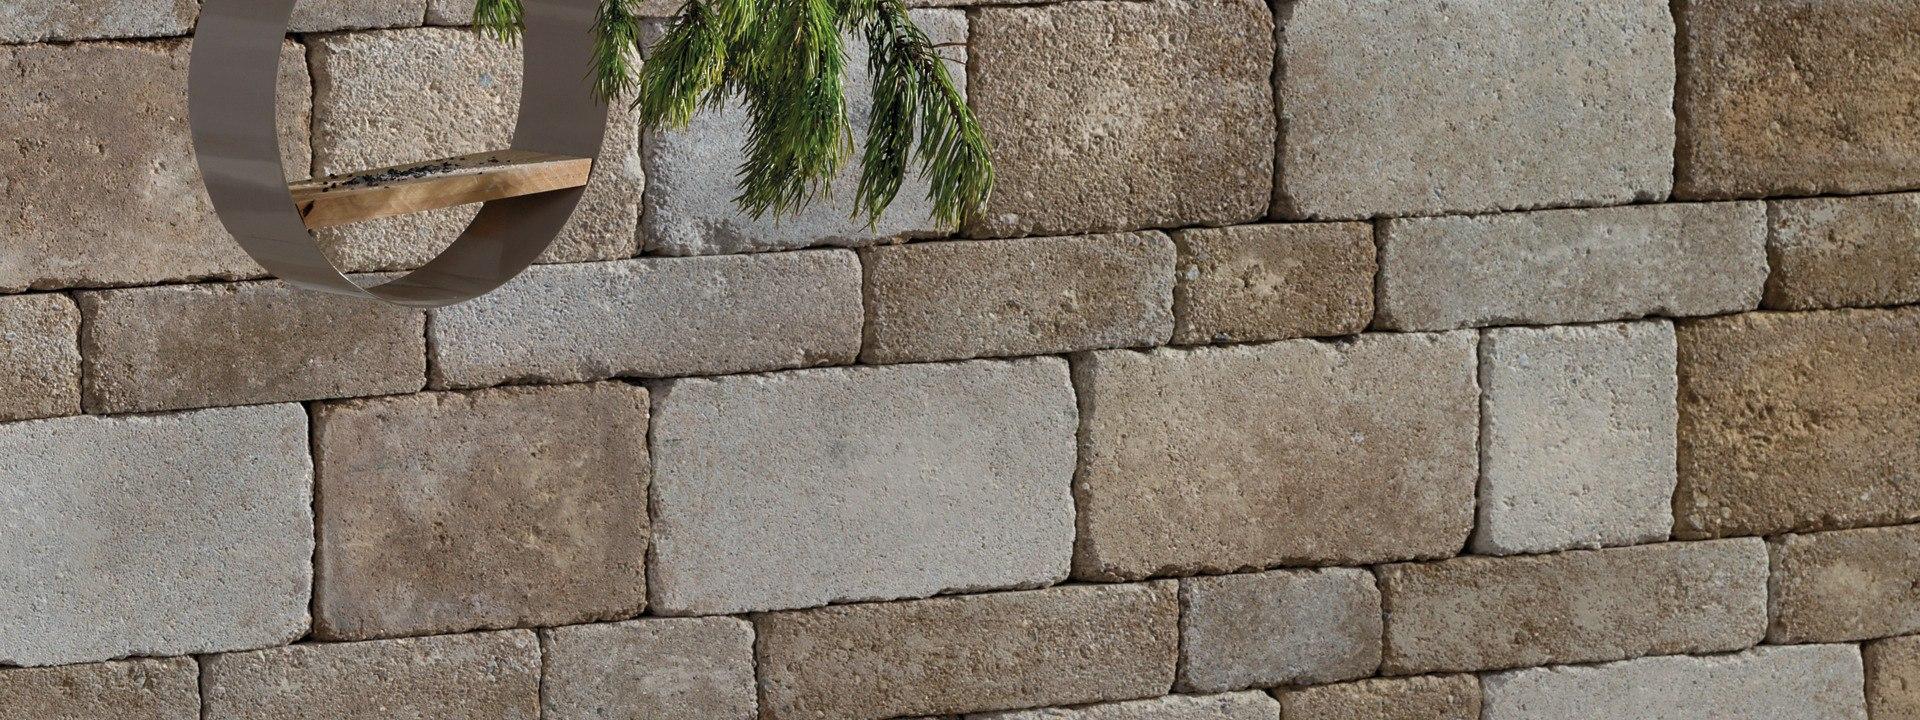 Gartenmauerstein GARDALINE von GODELMANN